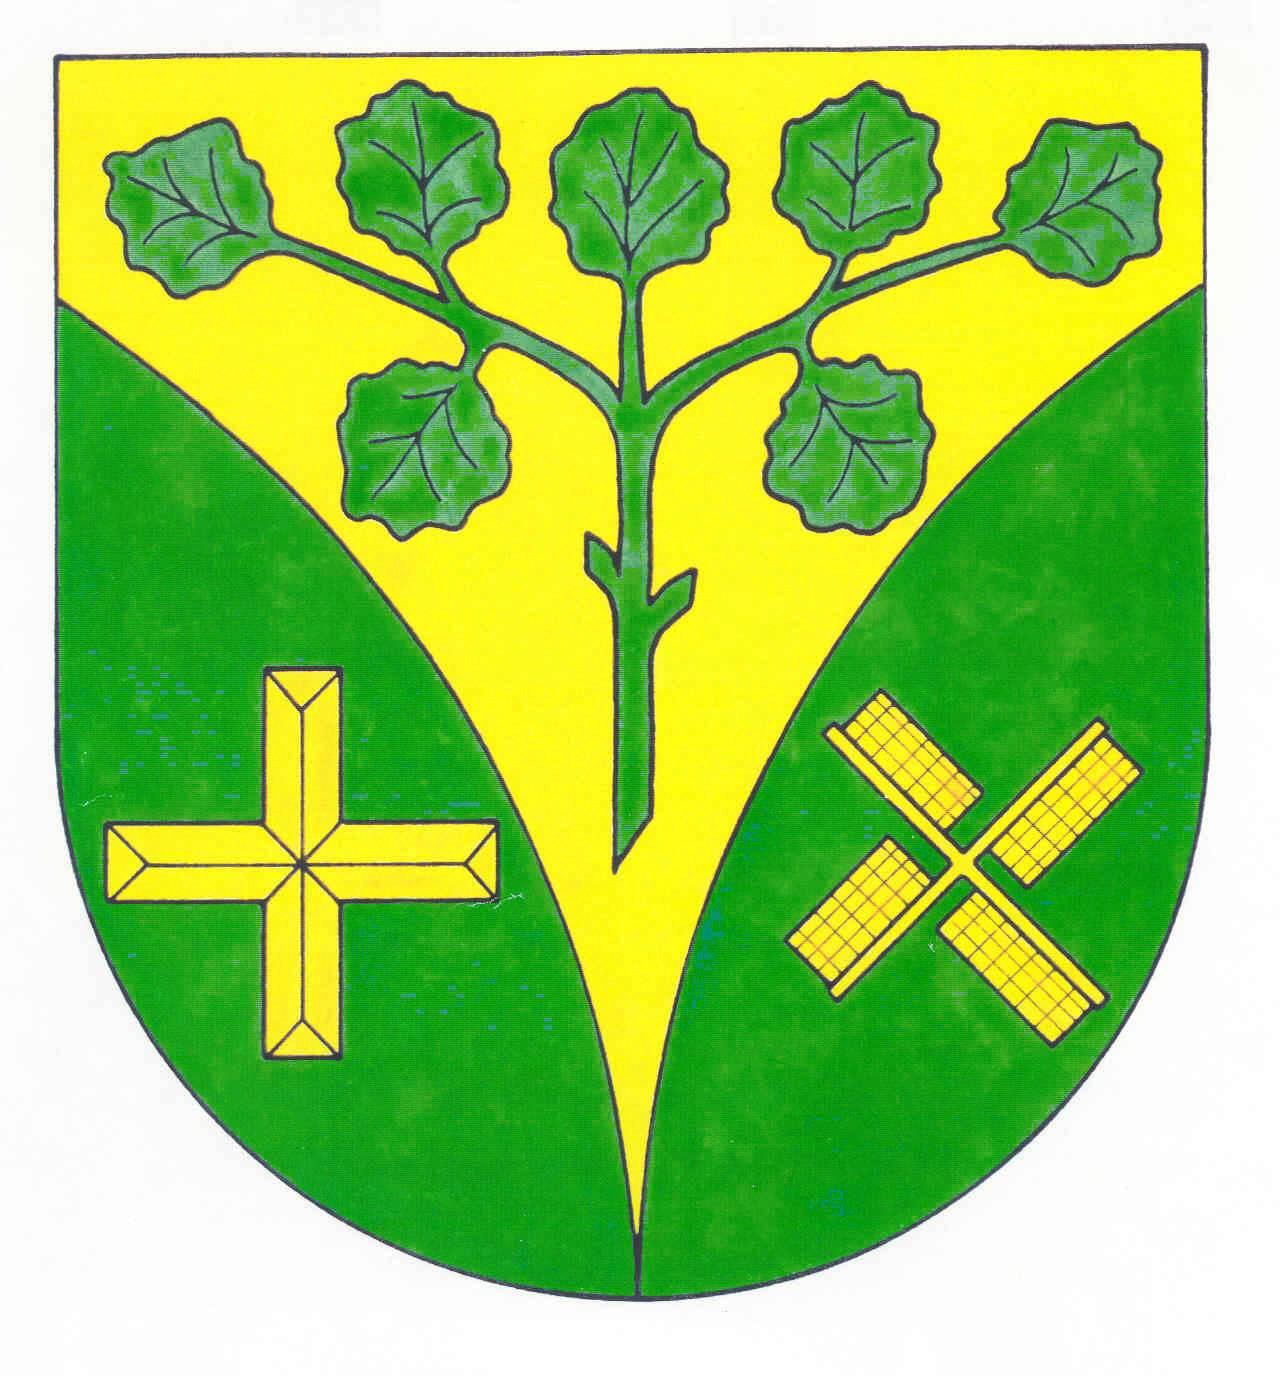 Wappen GemeindeMedelby, Kreis Schleswig-Flensburg